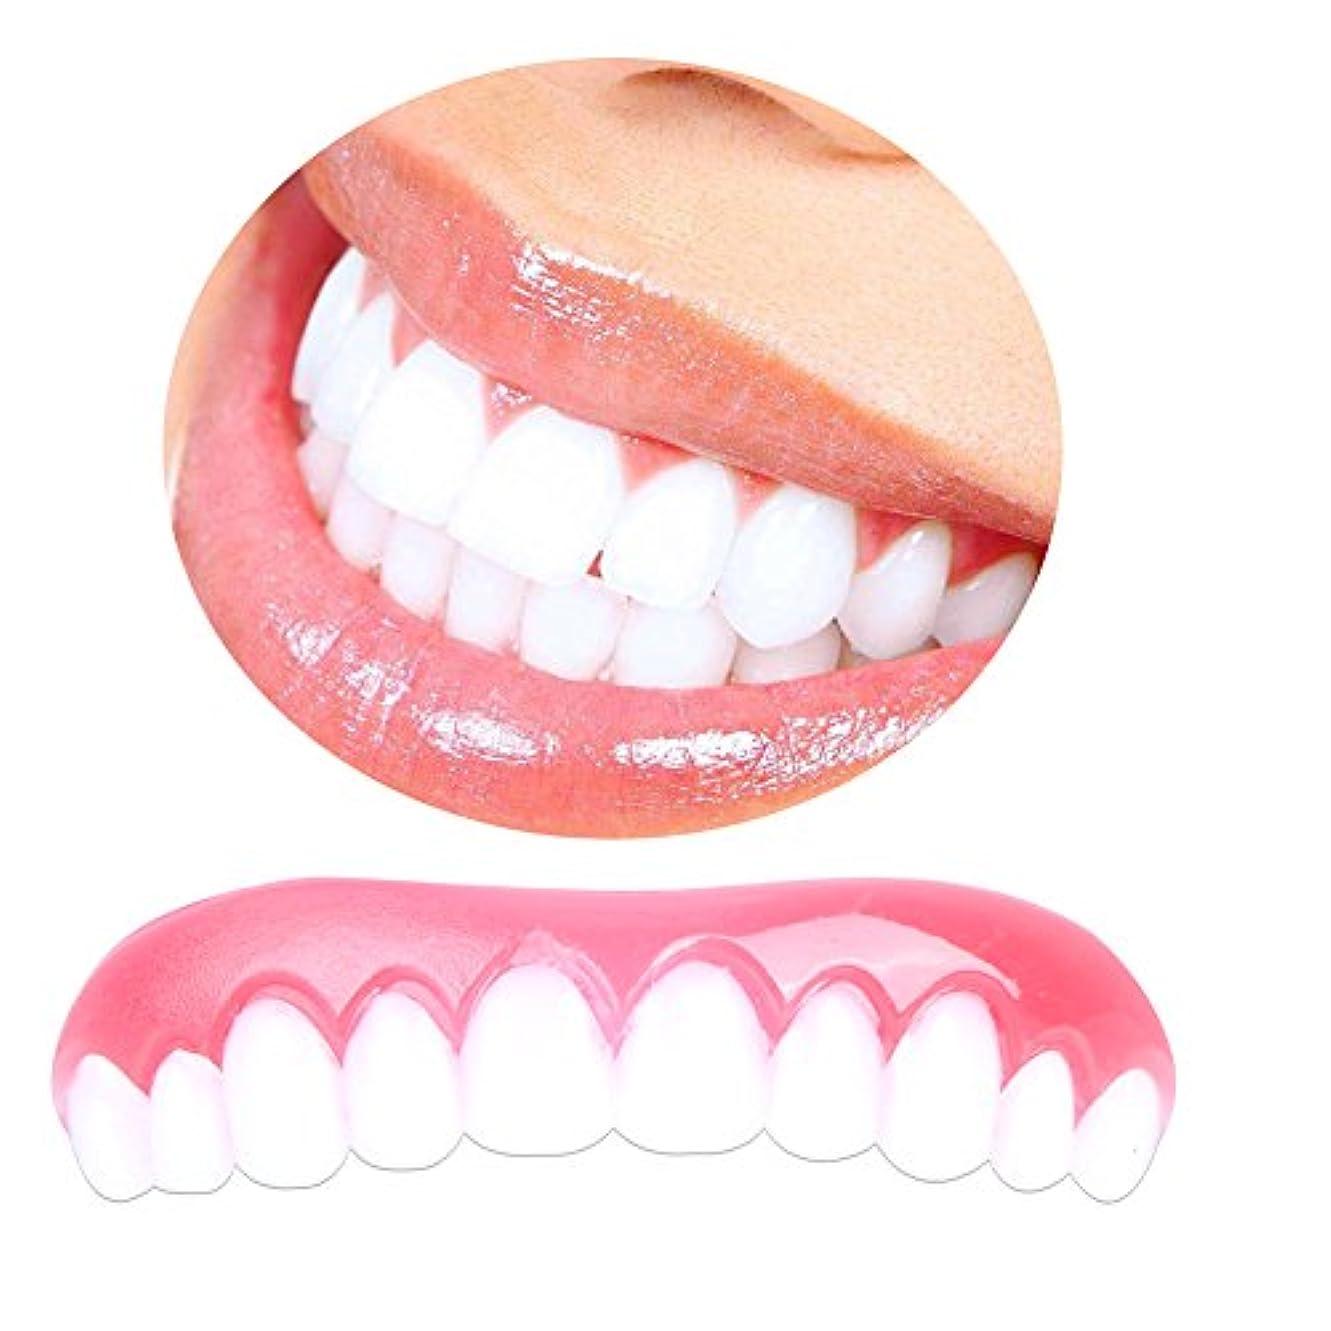 太鼓腹眉望まないコンフォートフィットフレックス化粧品歯パーフェクトスマイルベニアダブの歯の矯正用ダブ歯用ホワイトパーフェクトスマイルベニア歯のホワイトニング-2個